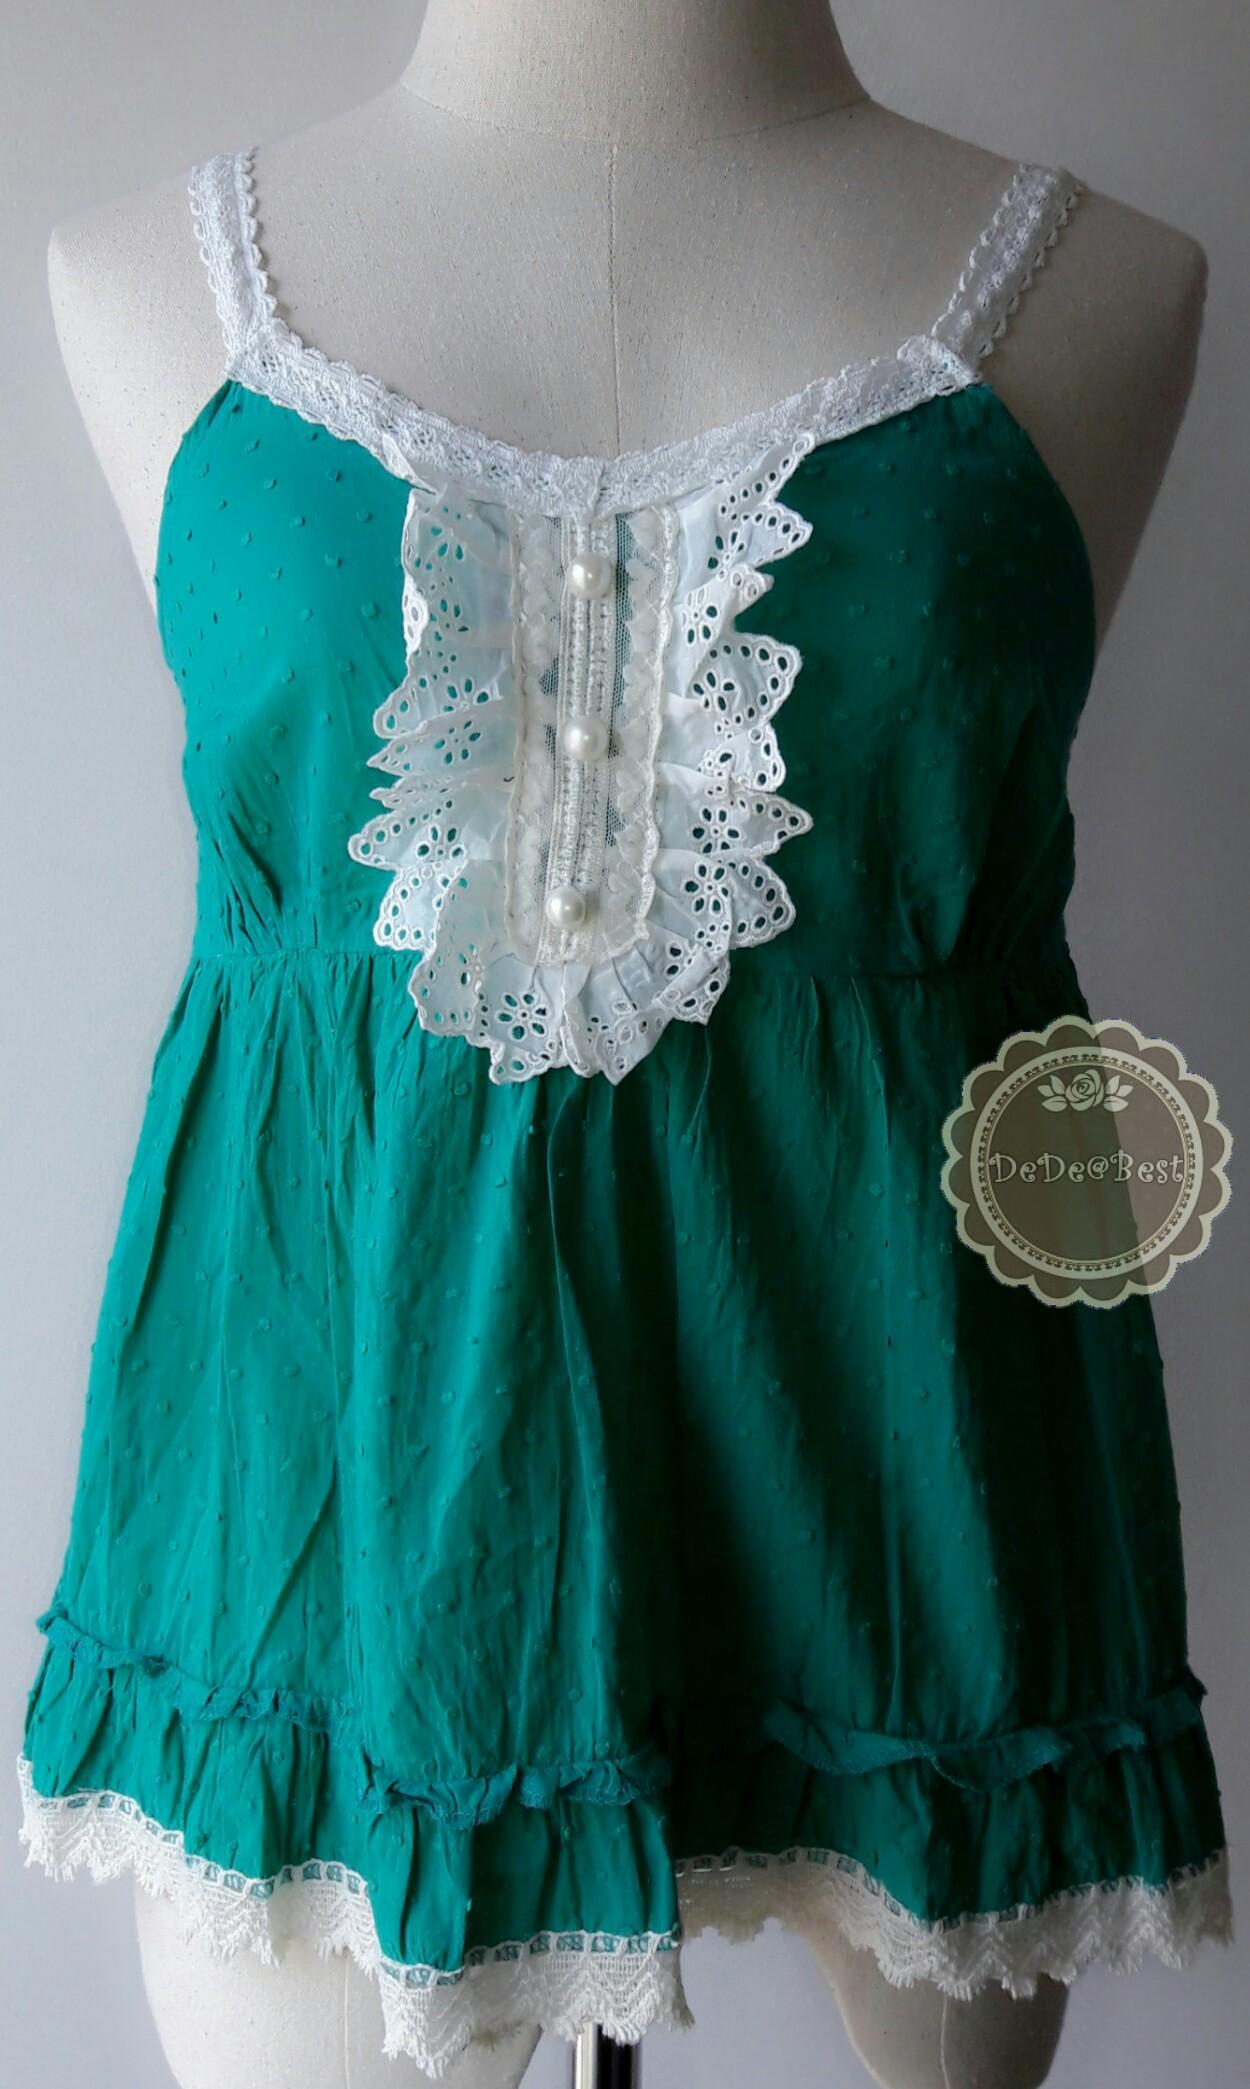 T30:2nd hand top เสื้อสายเดี่ยวสีเขียวเดินขอบลูกไม้ขาว